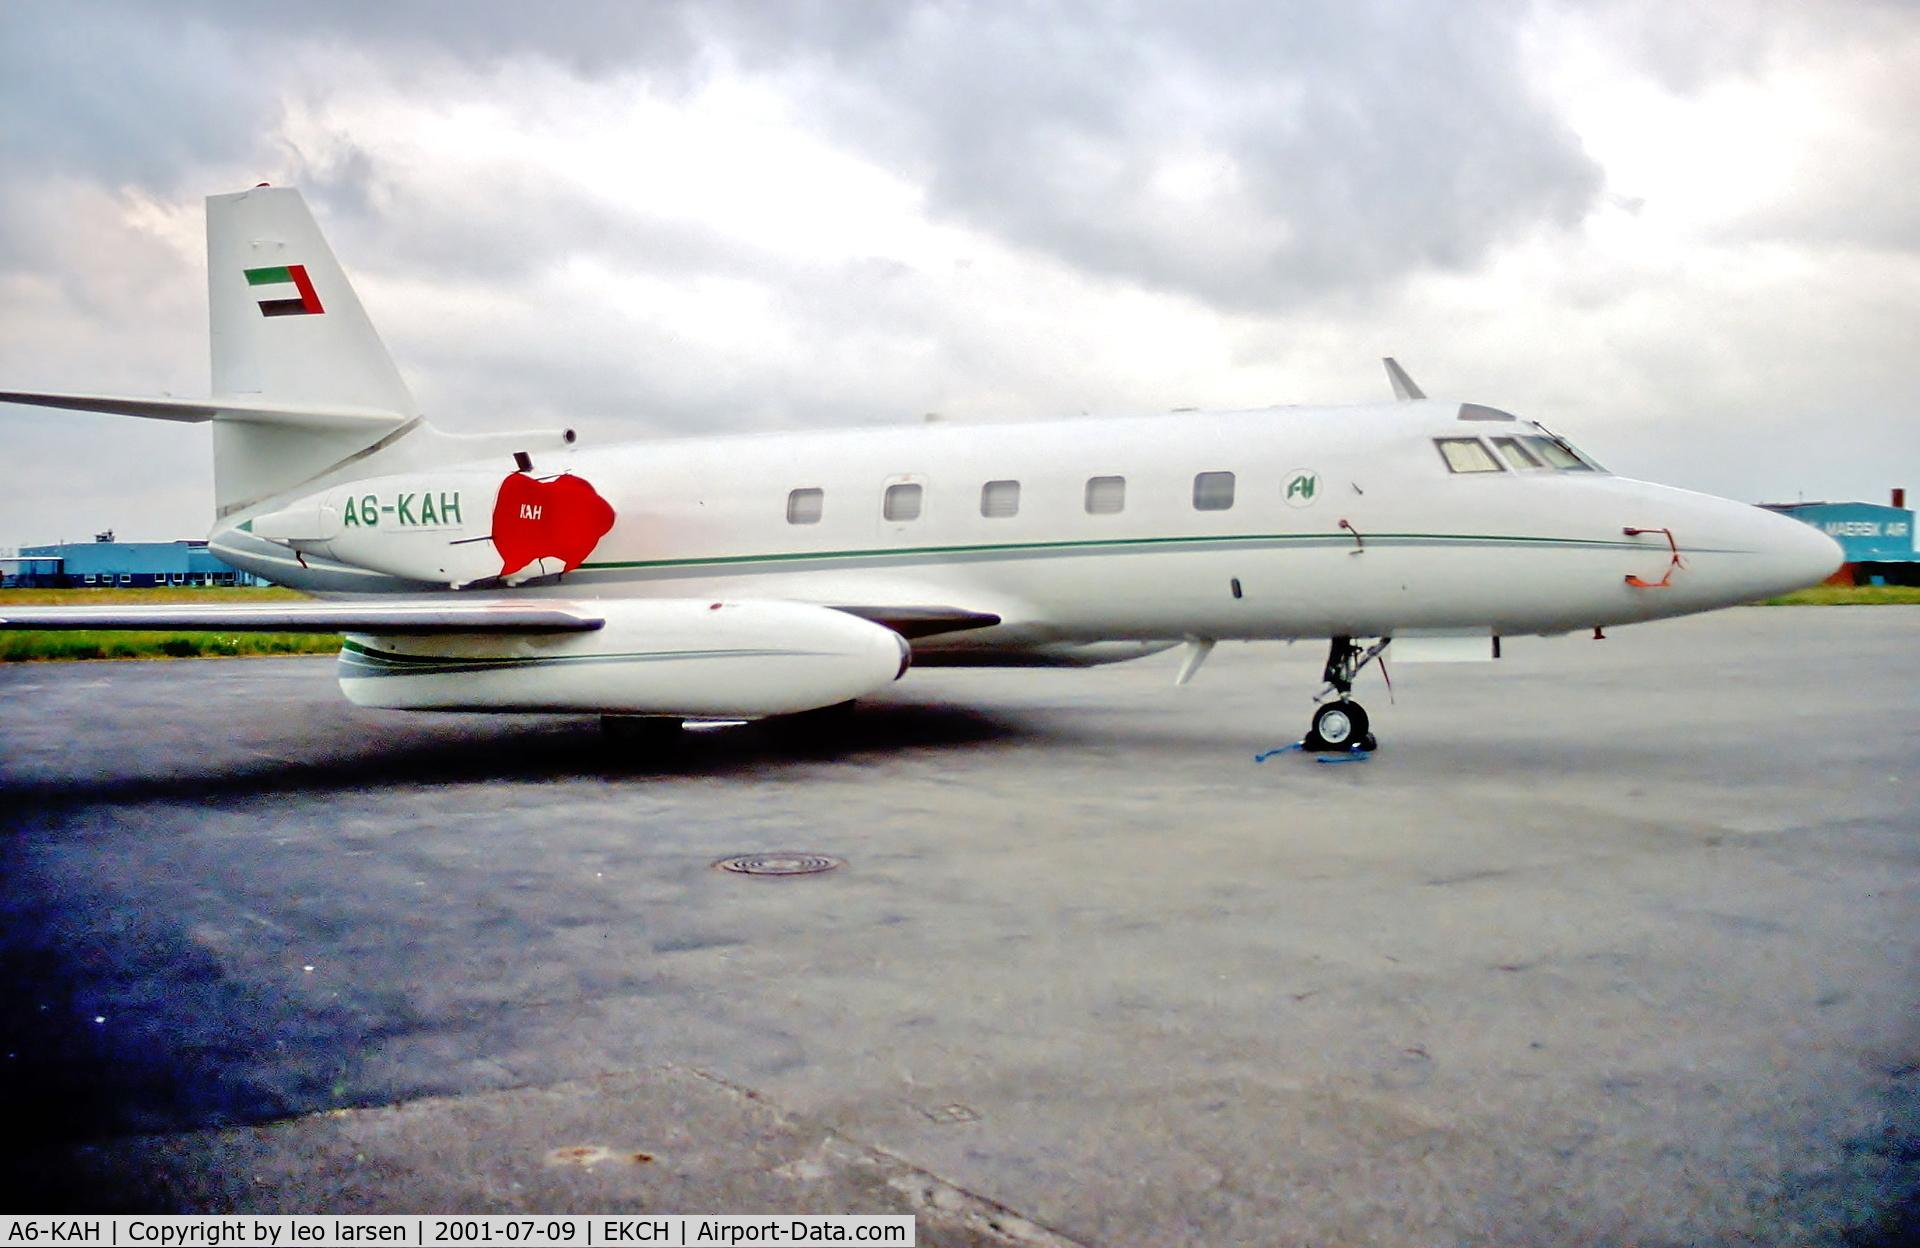 A6-KAH, 1977 Lockheed L-1329-25 JetStar II C/N 5220, Copenhagen 9.7.01